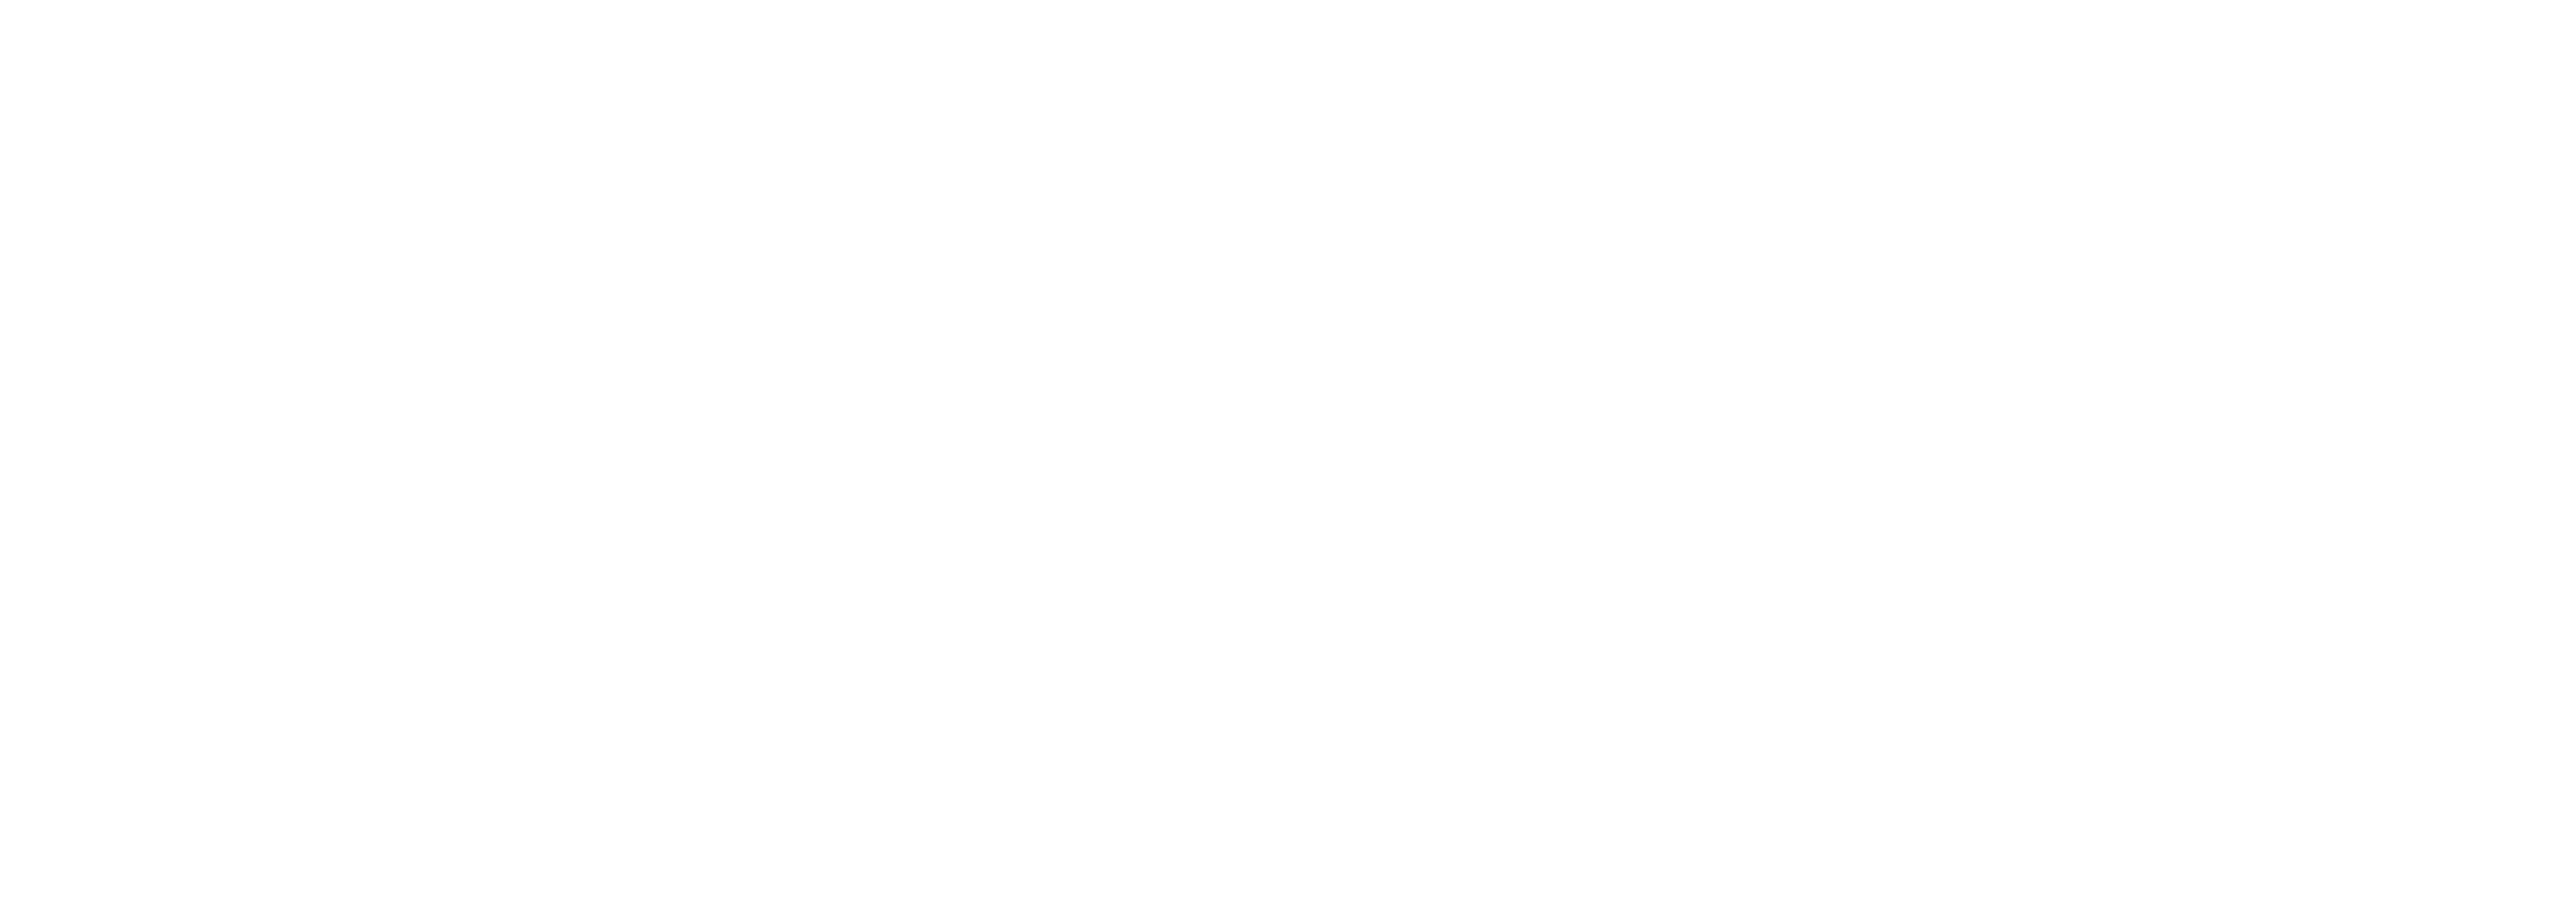 Boelter - Lets pursue your passion